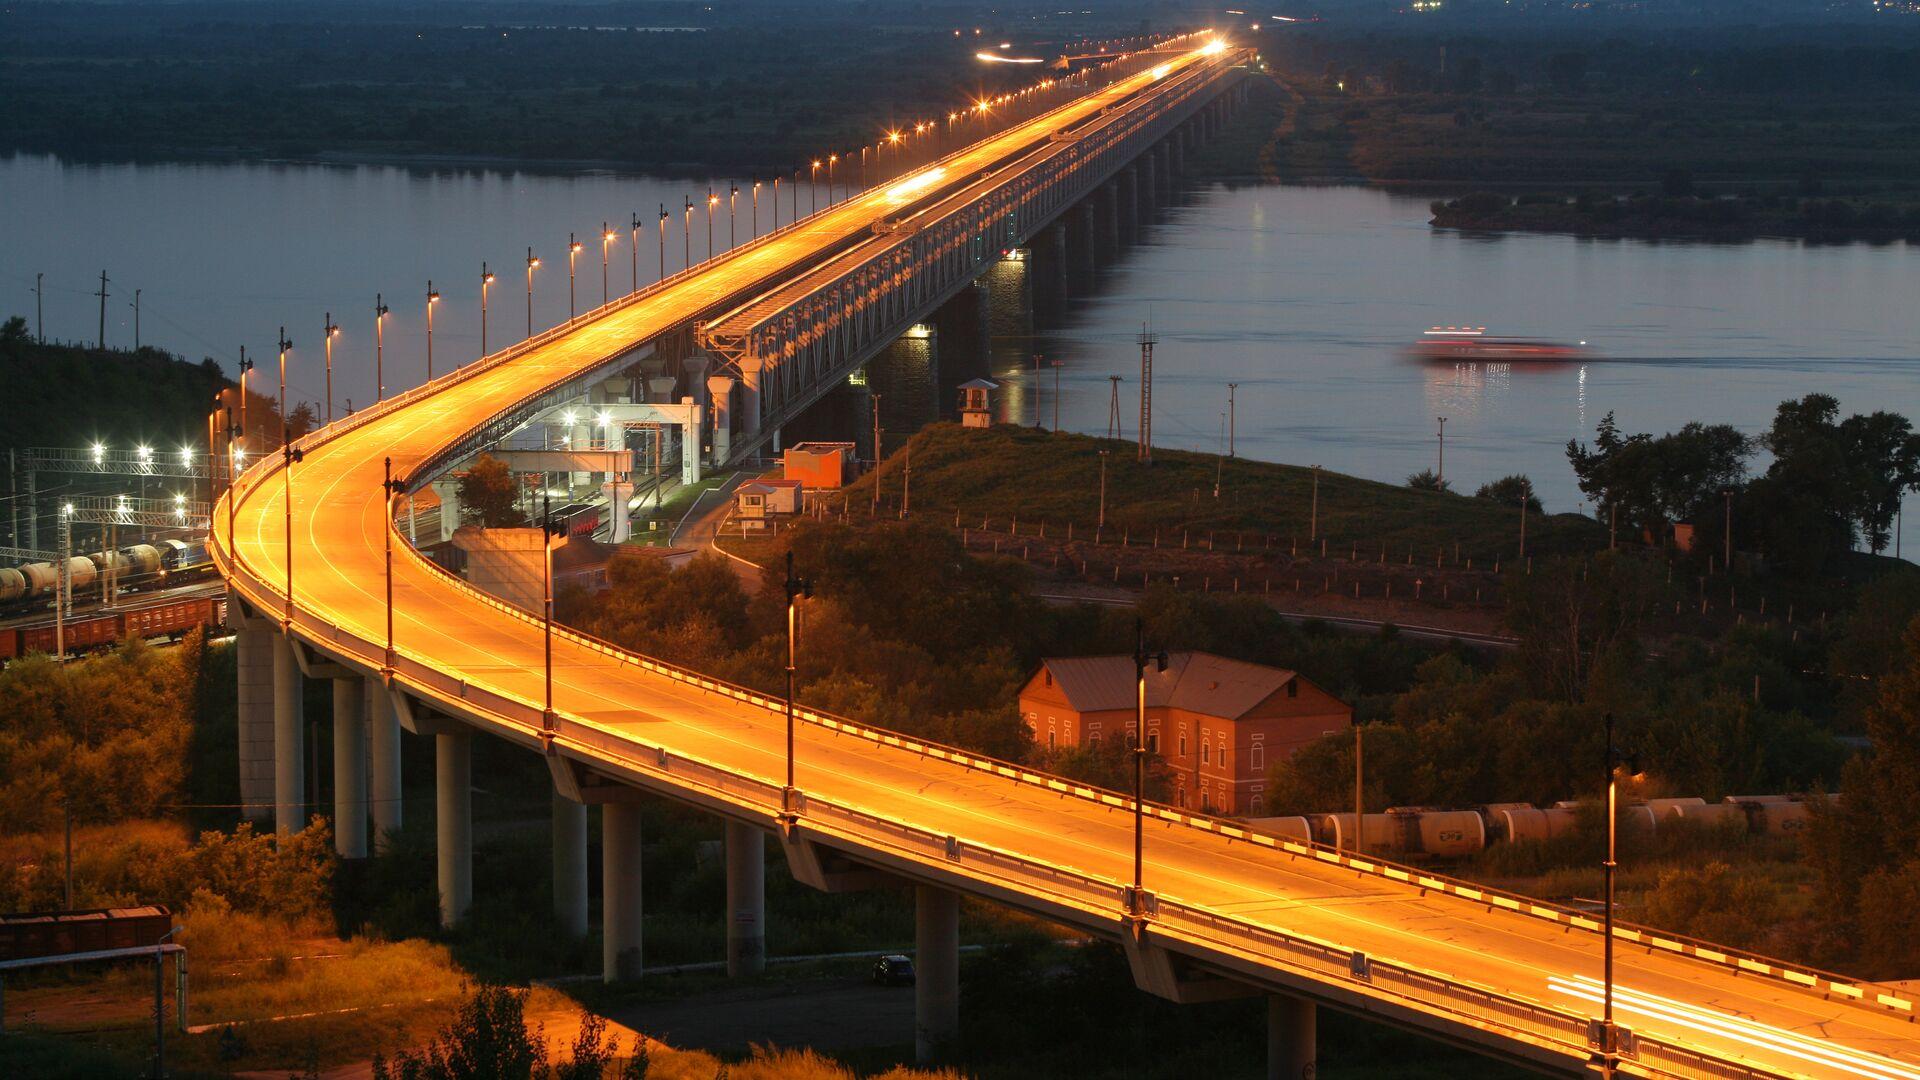 Вид на железнодорожно-автомобильный мост через реку Амур в Хабаровске на трассе Чита - Хабаровск. - РИА Новости, 1920, 25.11.2020